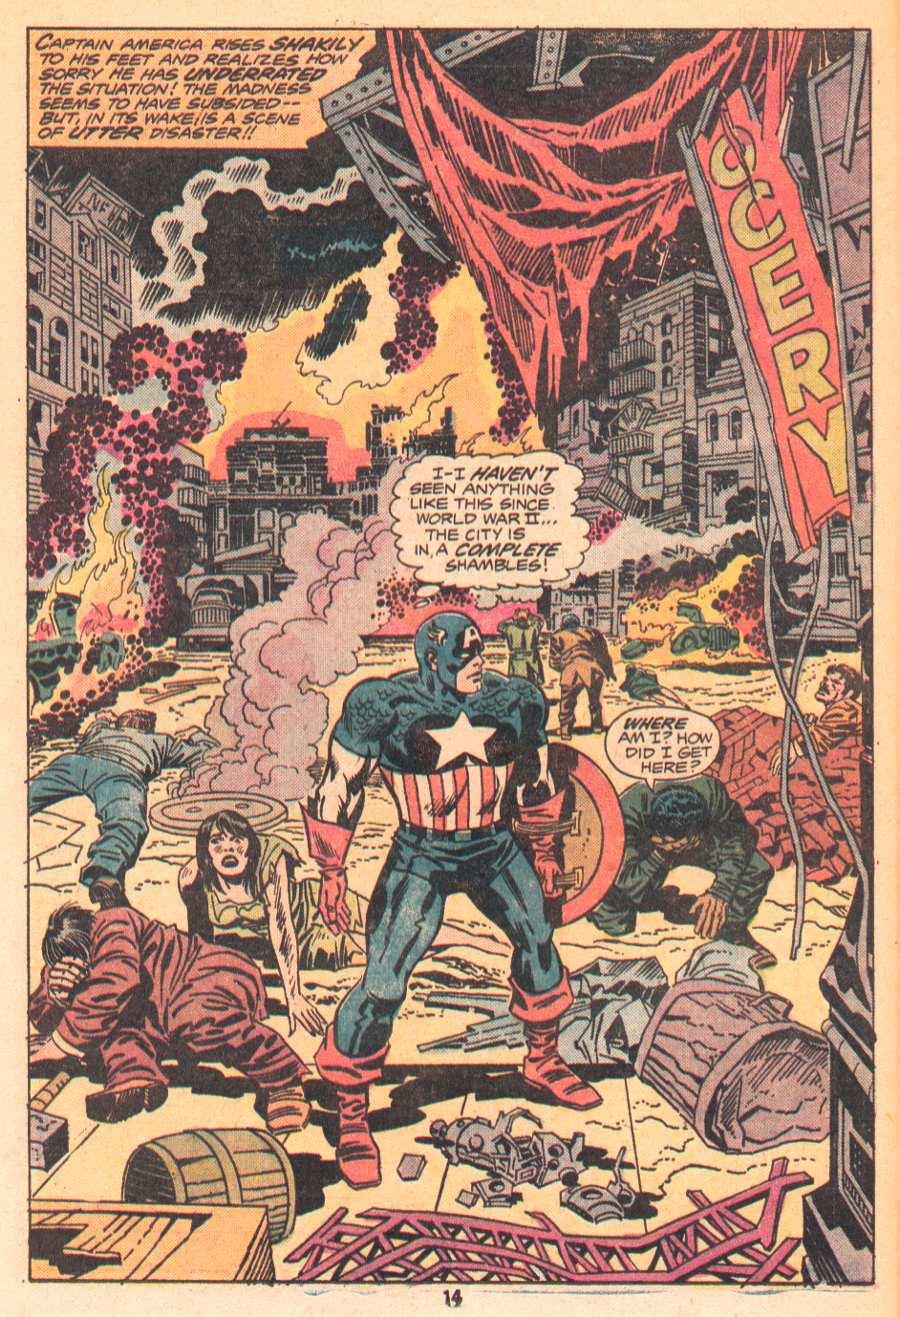 Captain_America193_08